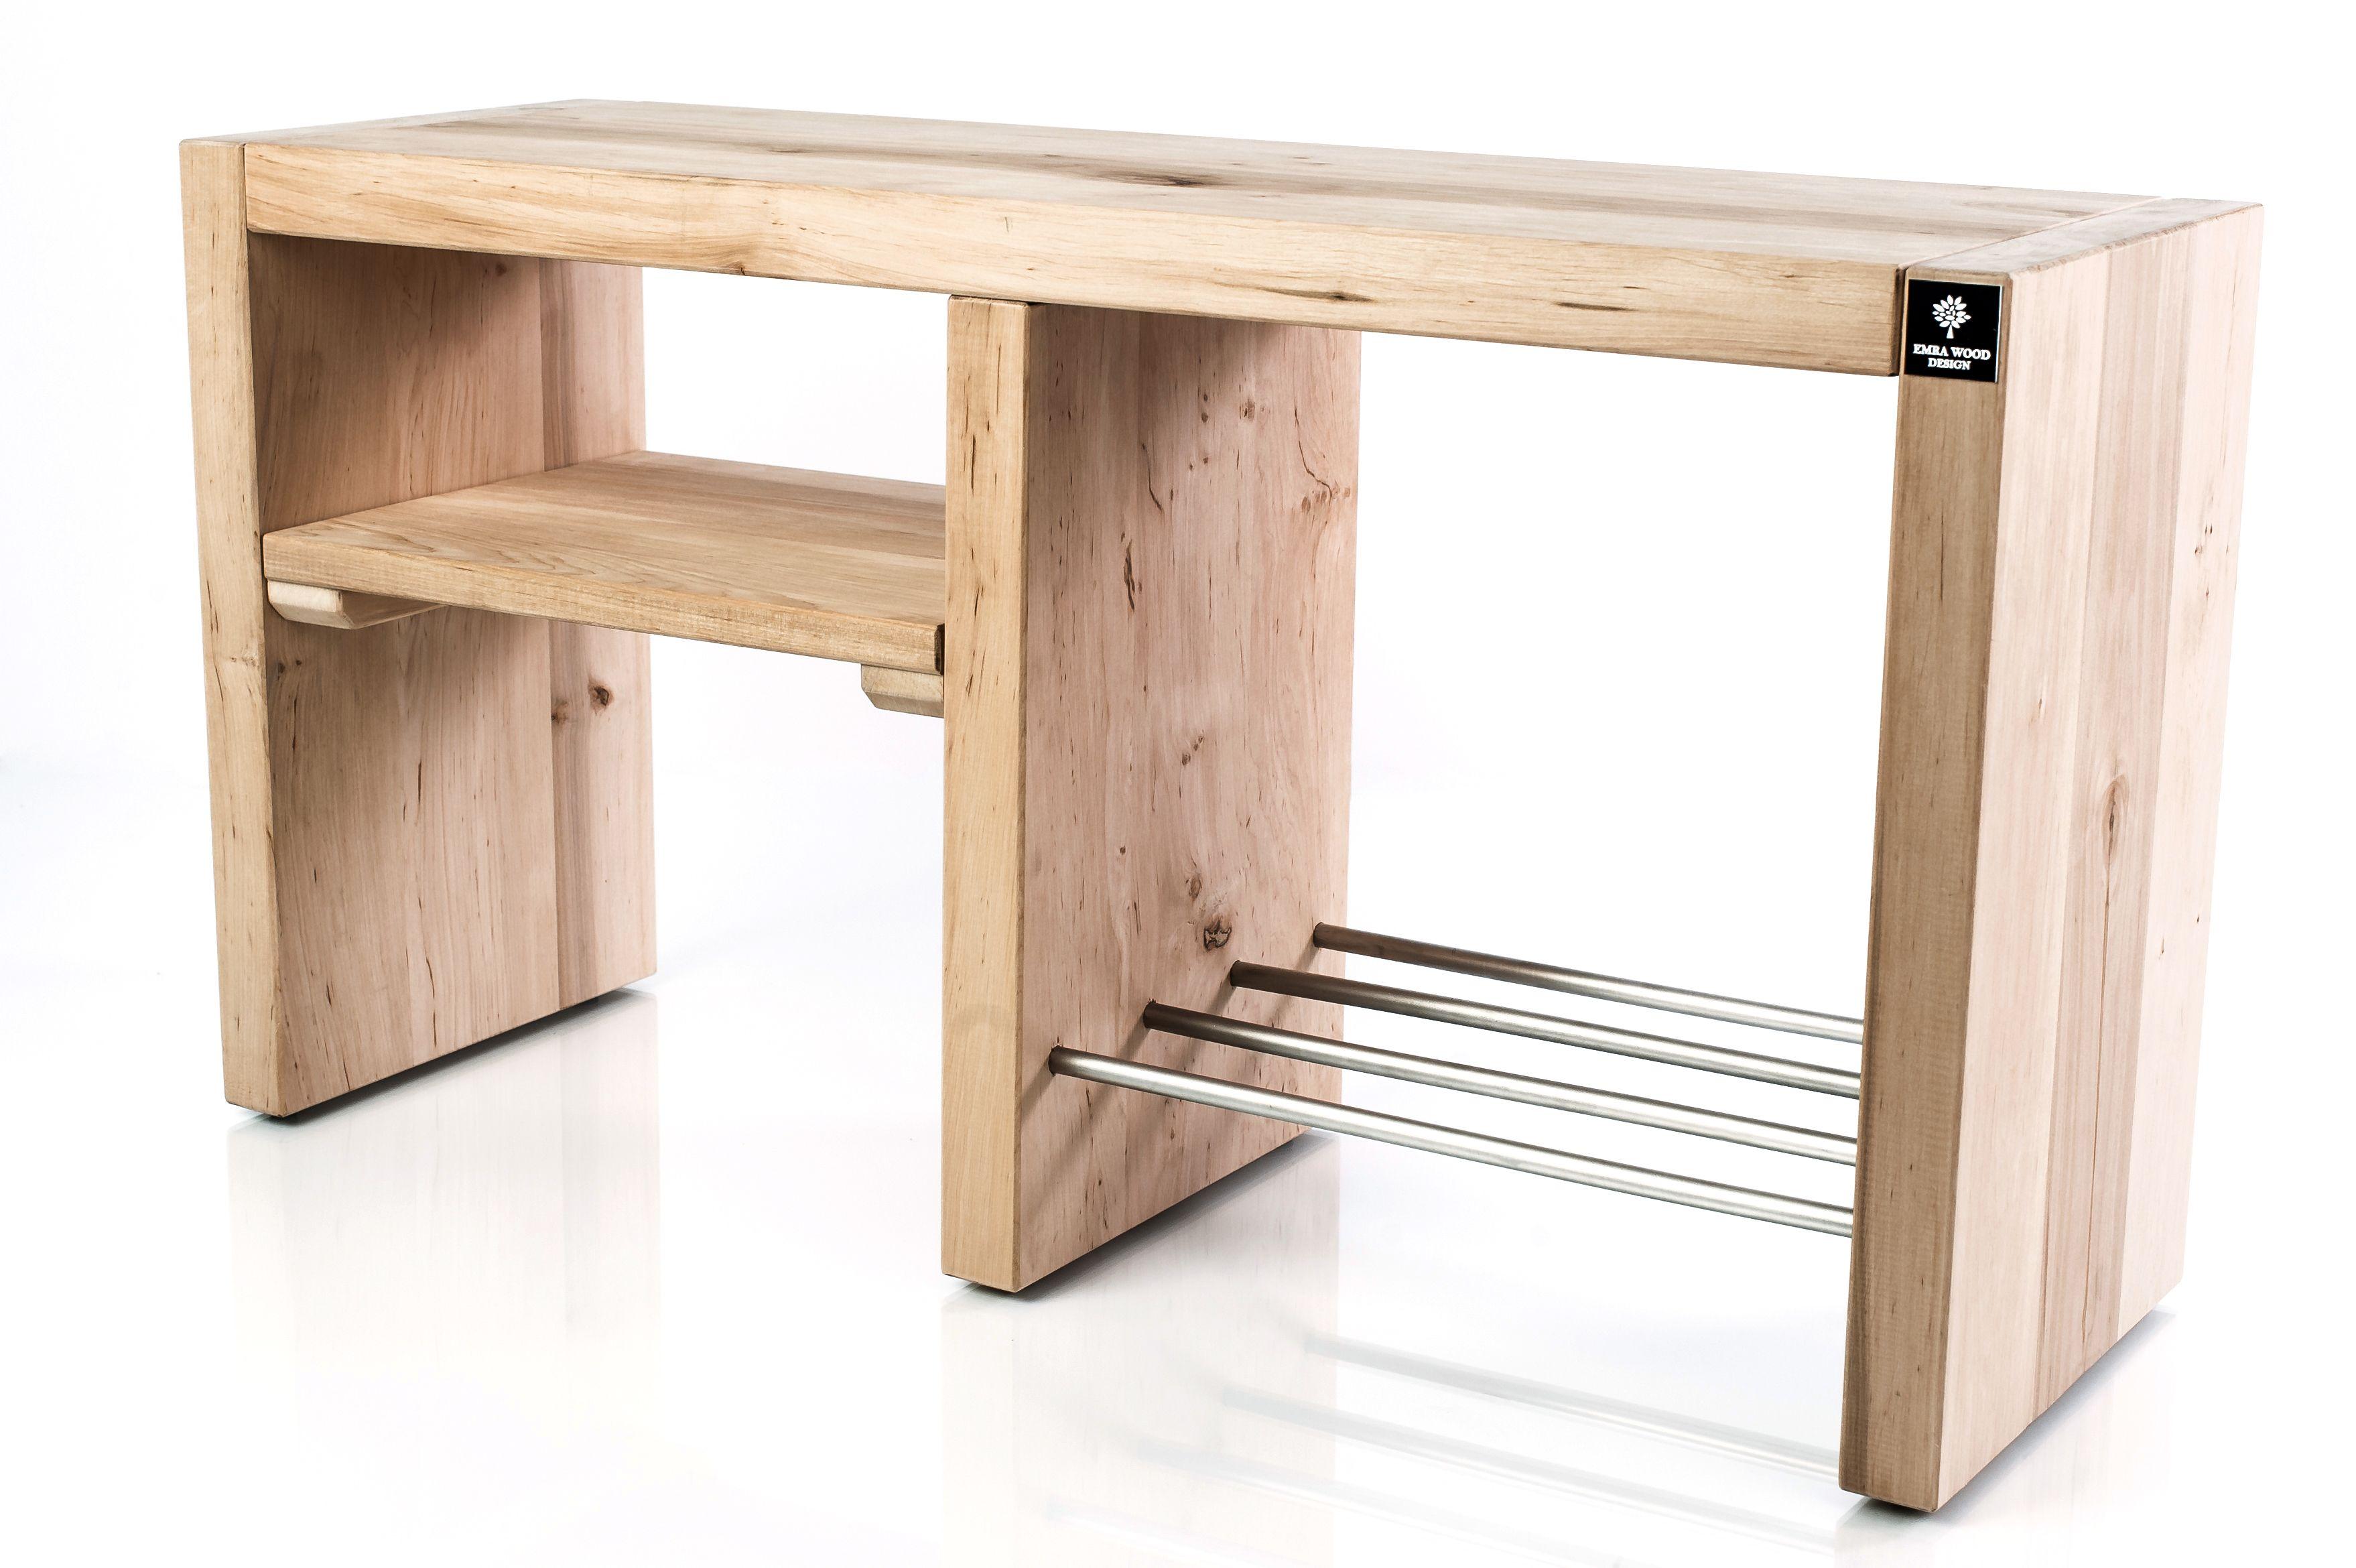 Producent Rdd 1 Regal Szafka Na Buty Drewno Lite Dab Olcha Opis Oferty Wazne Nasze Produkty Wykonujemy Tylko Z Drewna Litego Wood Design Wood Home Decor